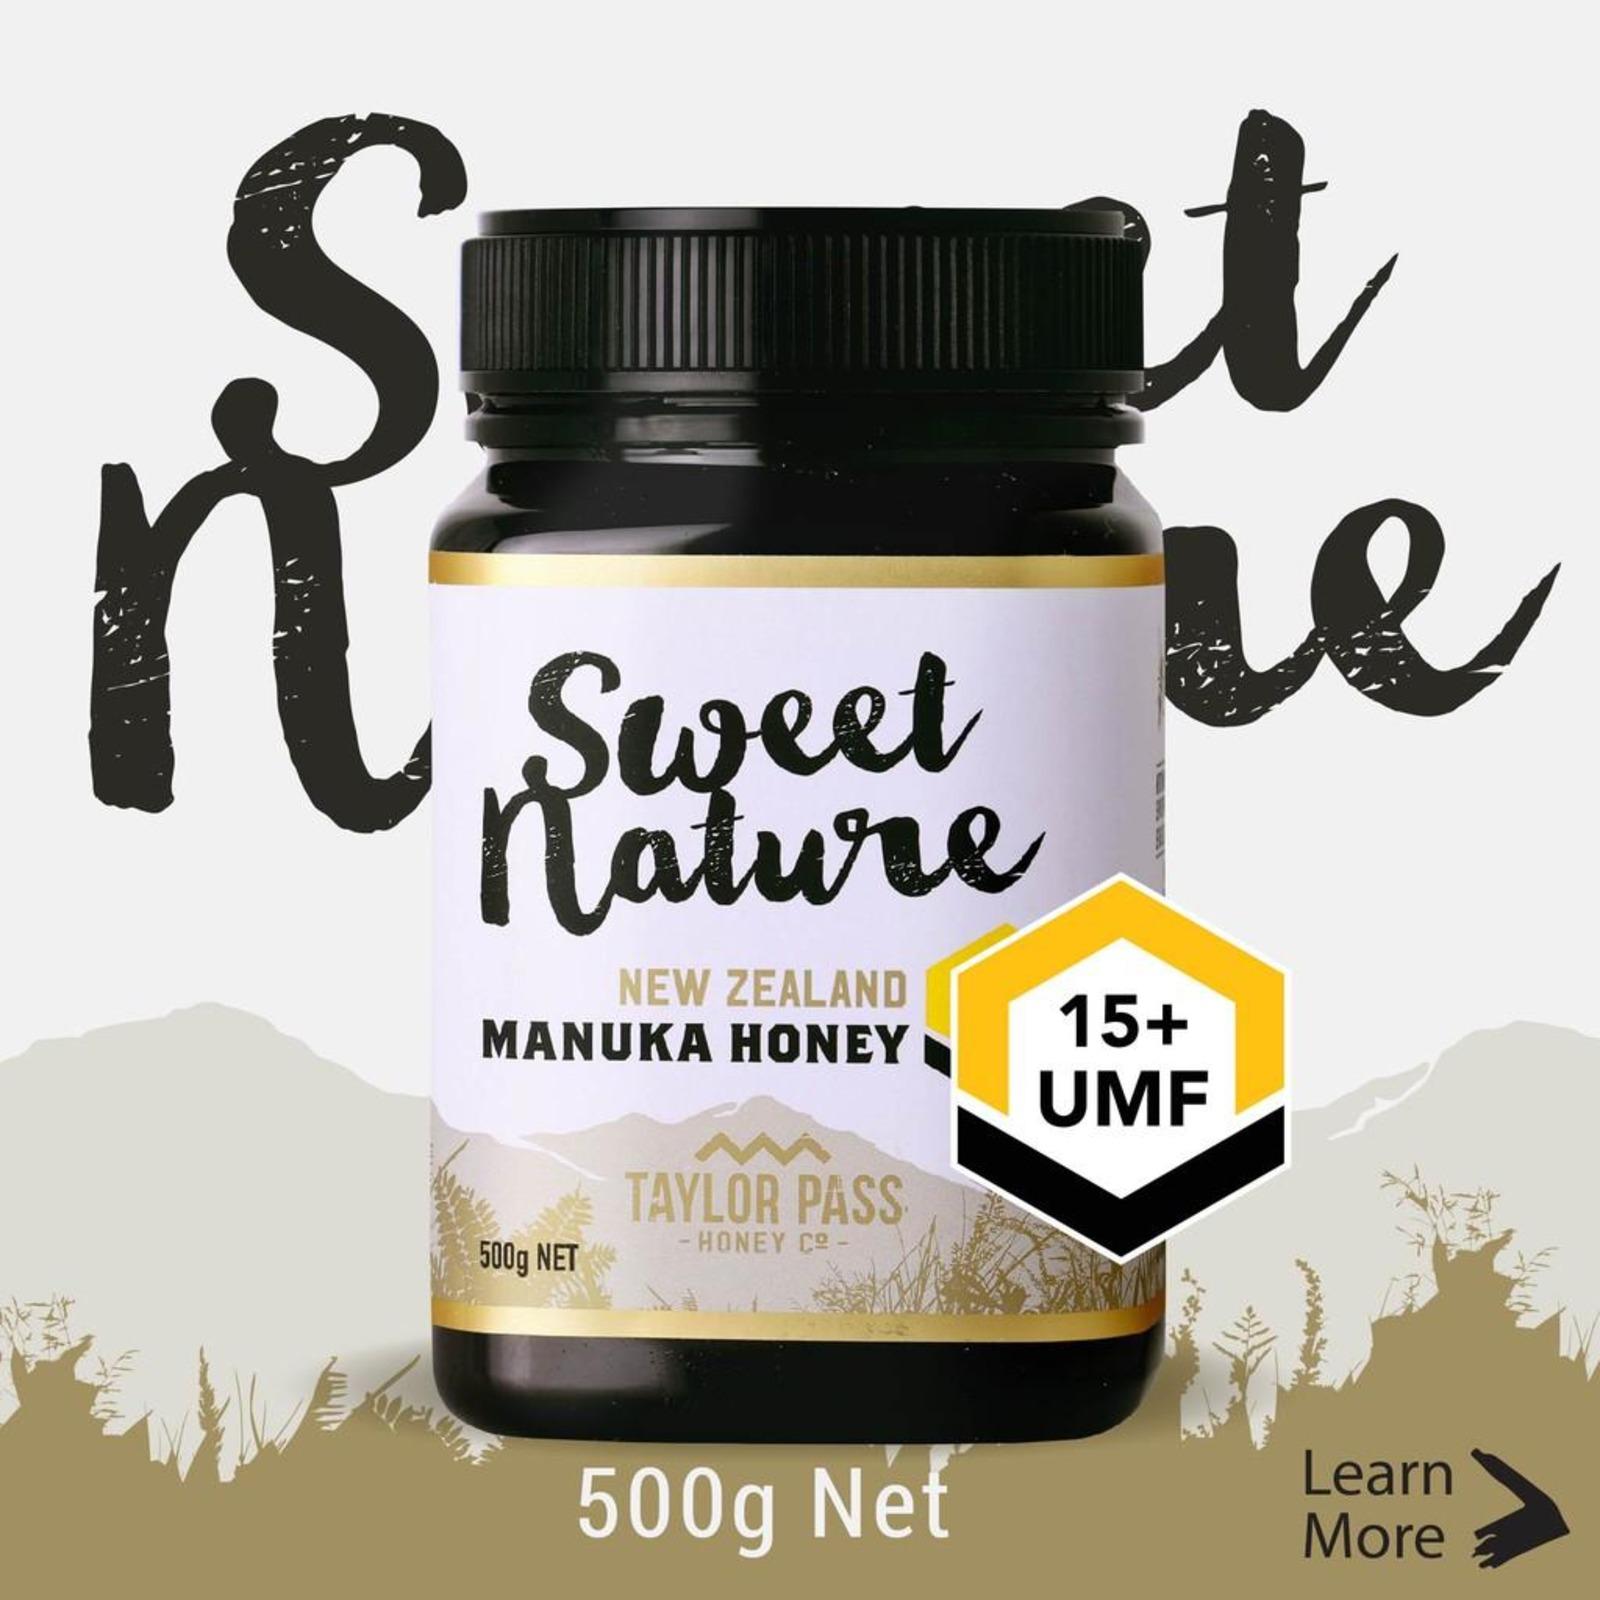 Sweet Nature UMF 15+ Manuka Honey